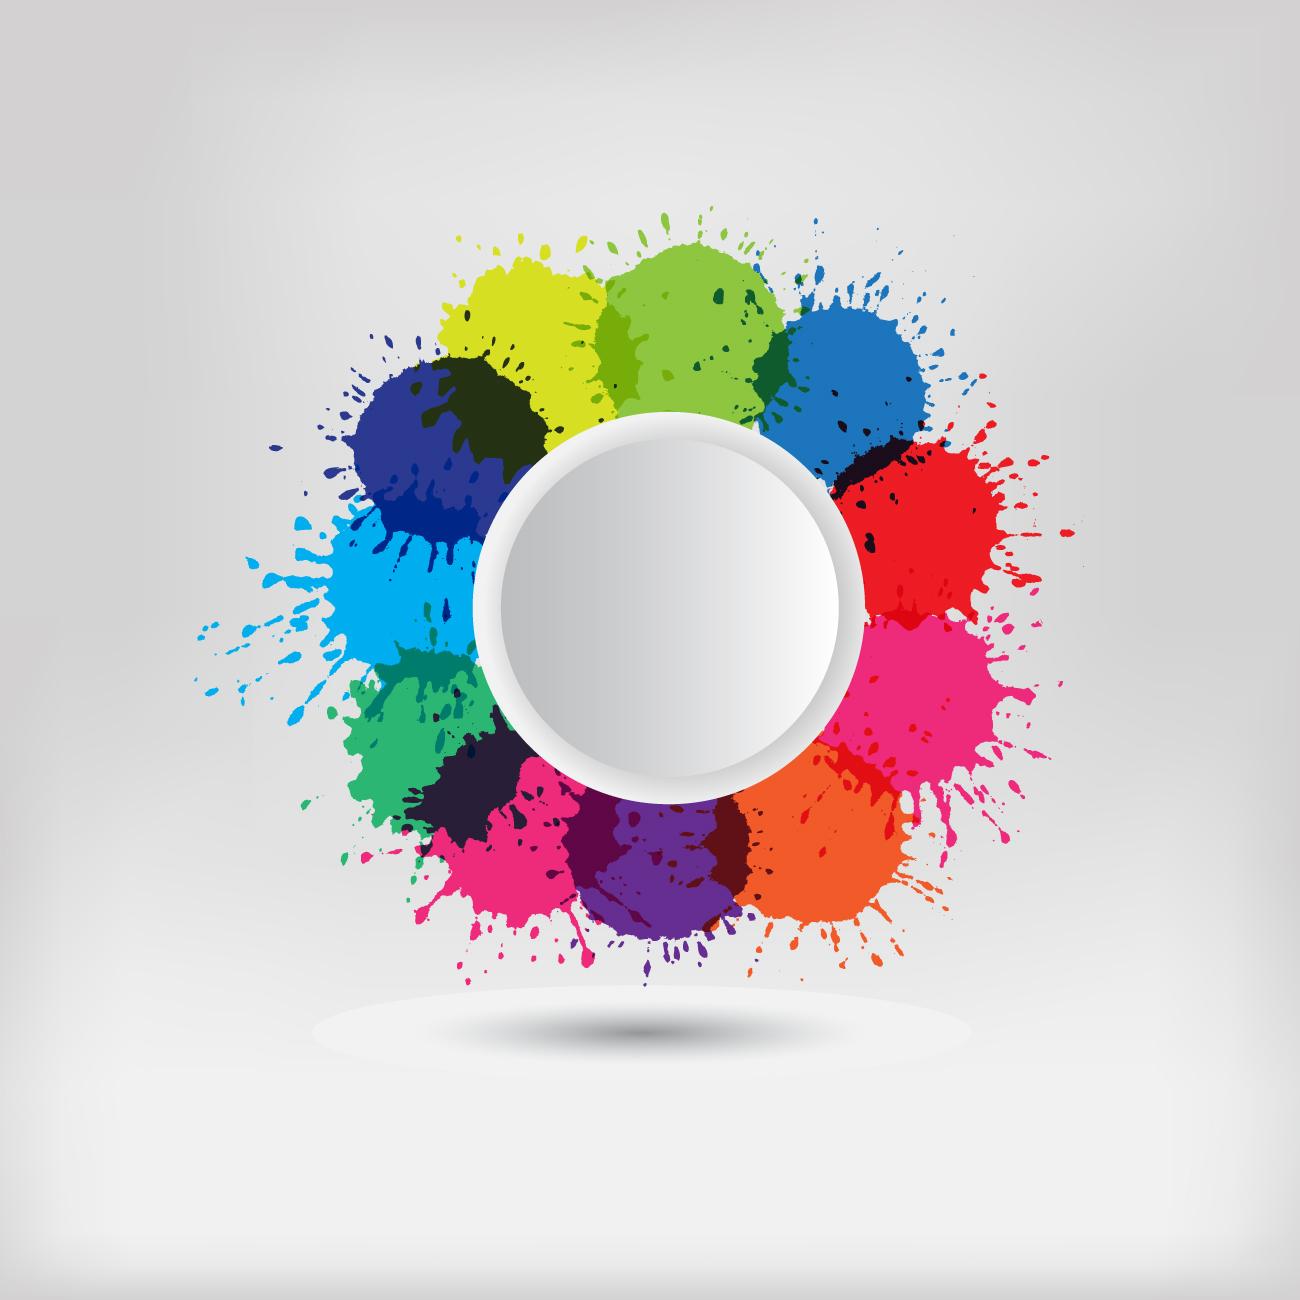 تاثیر رنگ در غرفه سازی